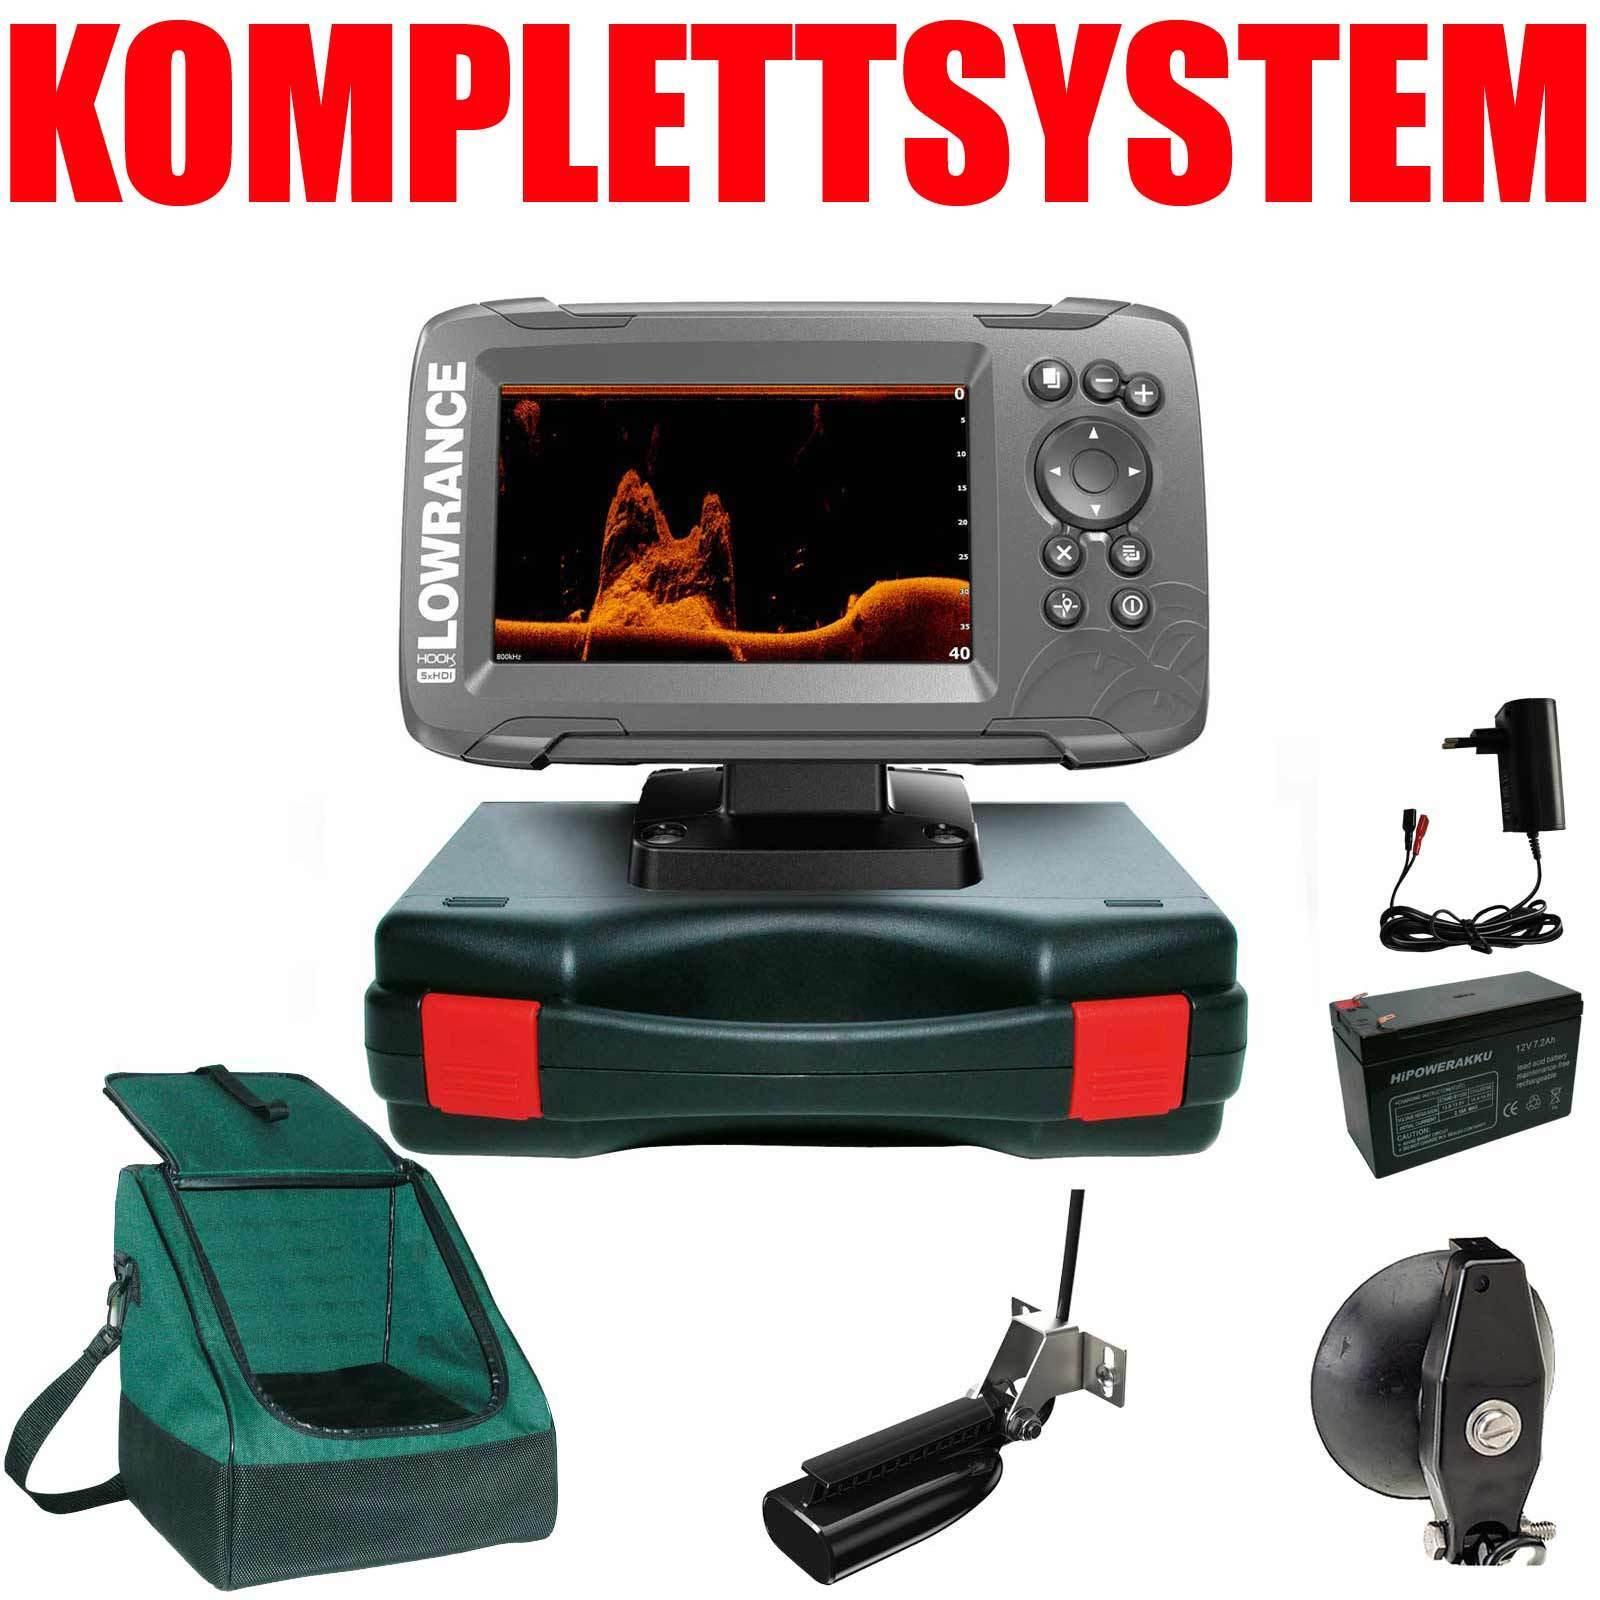 Lowrance portátil básico más completo sistema de sonar Hook2 5 x SplitShot HDI GPS